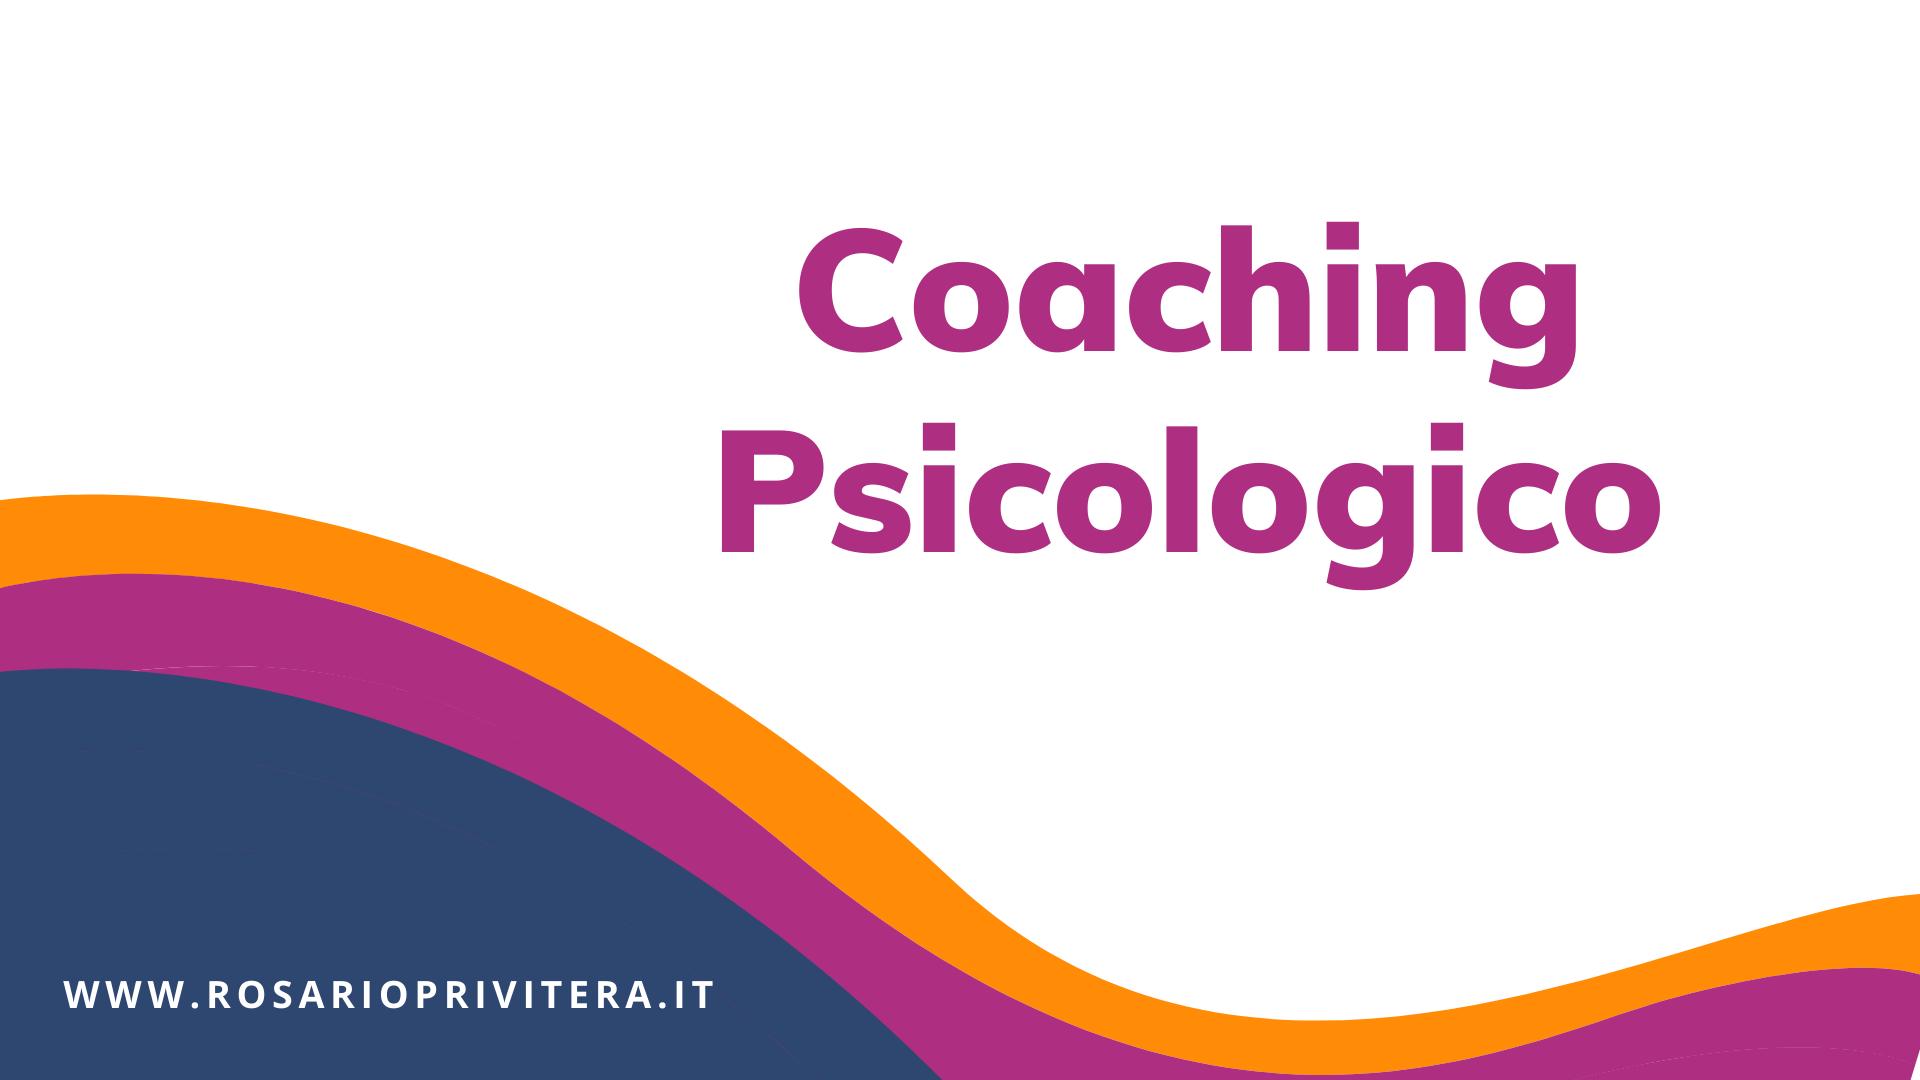 Coaching psicologico_Rosario Privitera, psicologo a Milano e online